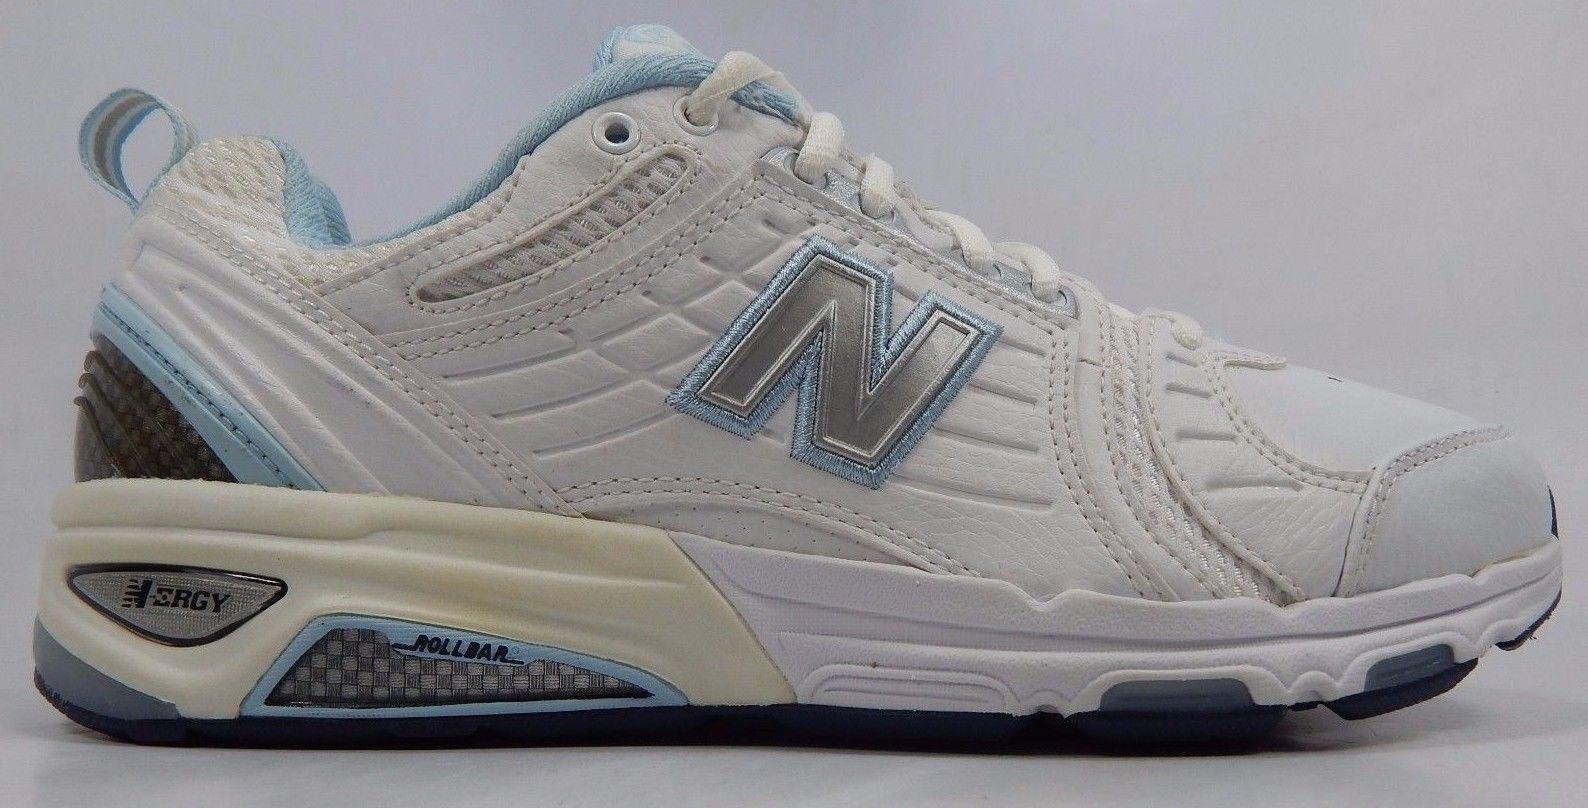 New Balance 856 Women's Cross Training Shoes Size US 9 2A NARROW EU 40.5 WX856WB